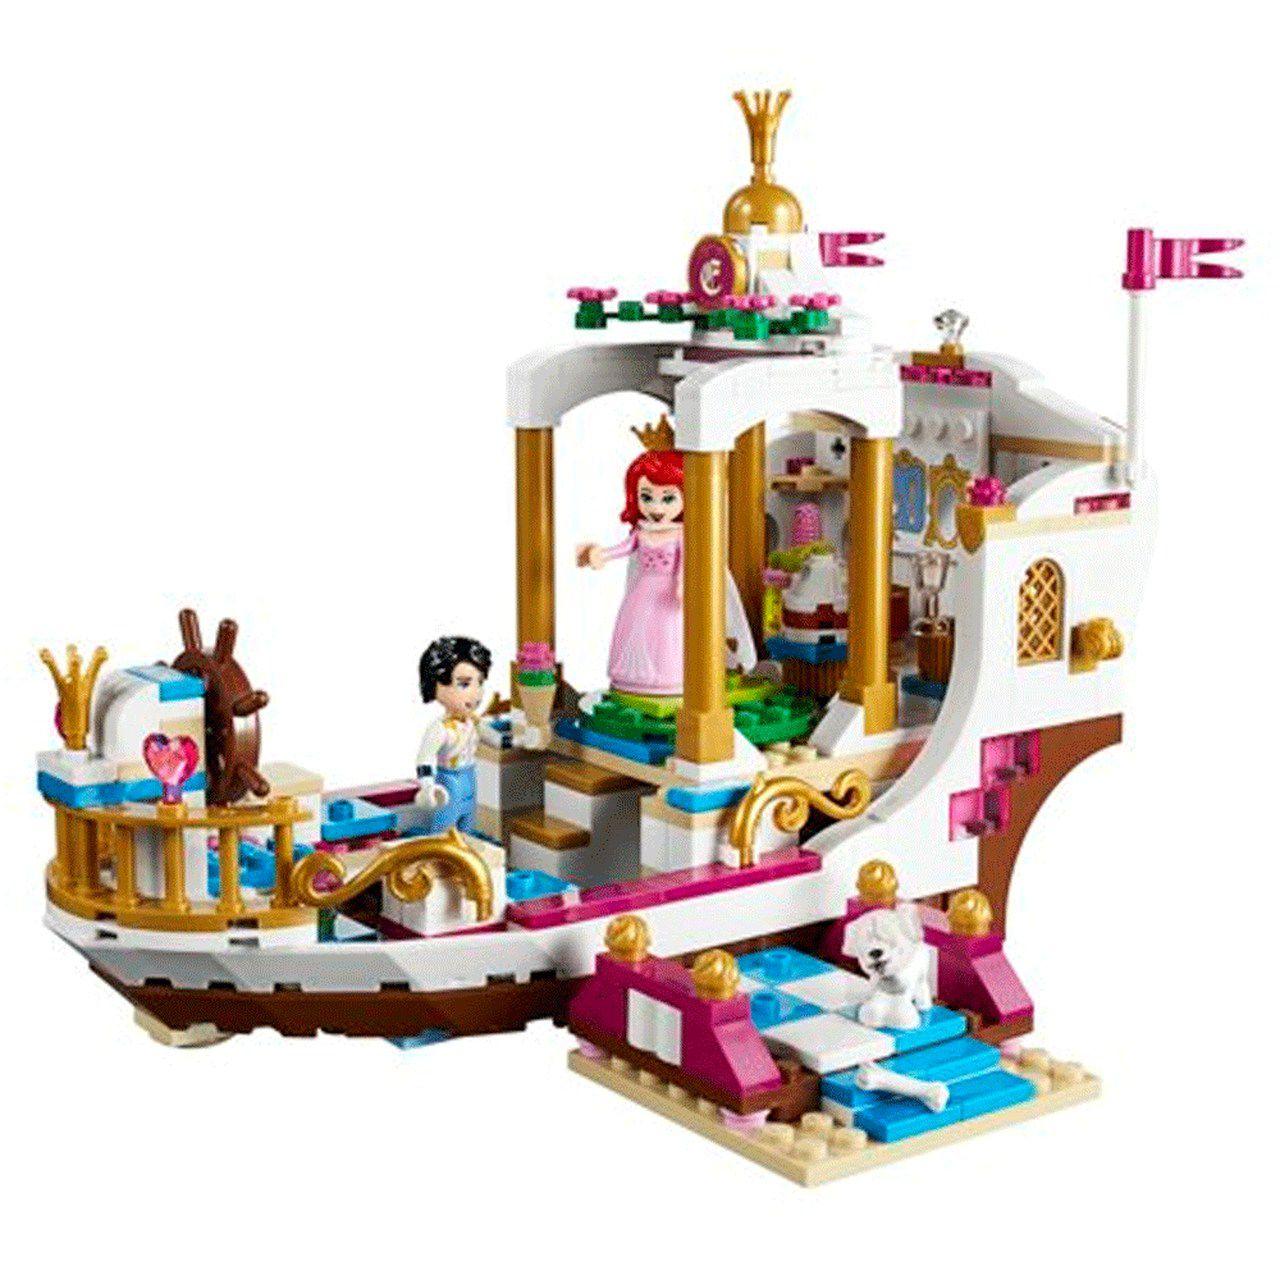 LEGO Barco Celebração Real Ariel: A Pequena Sereia (Disney) 380 Peças (Apenas Venda Online)